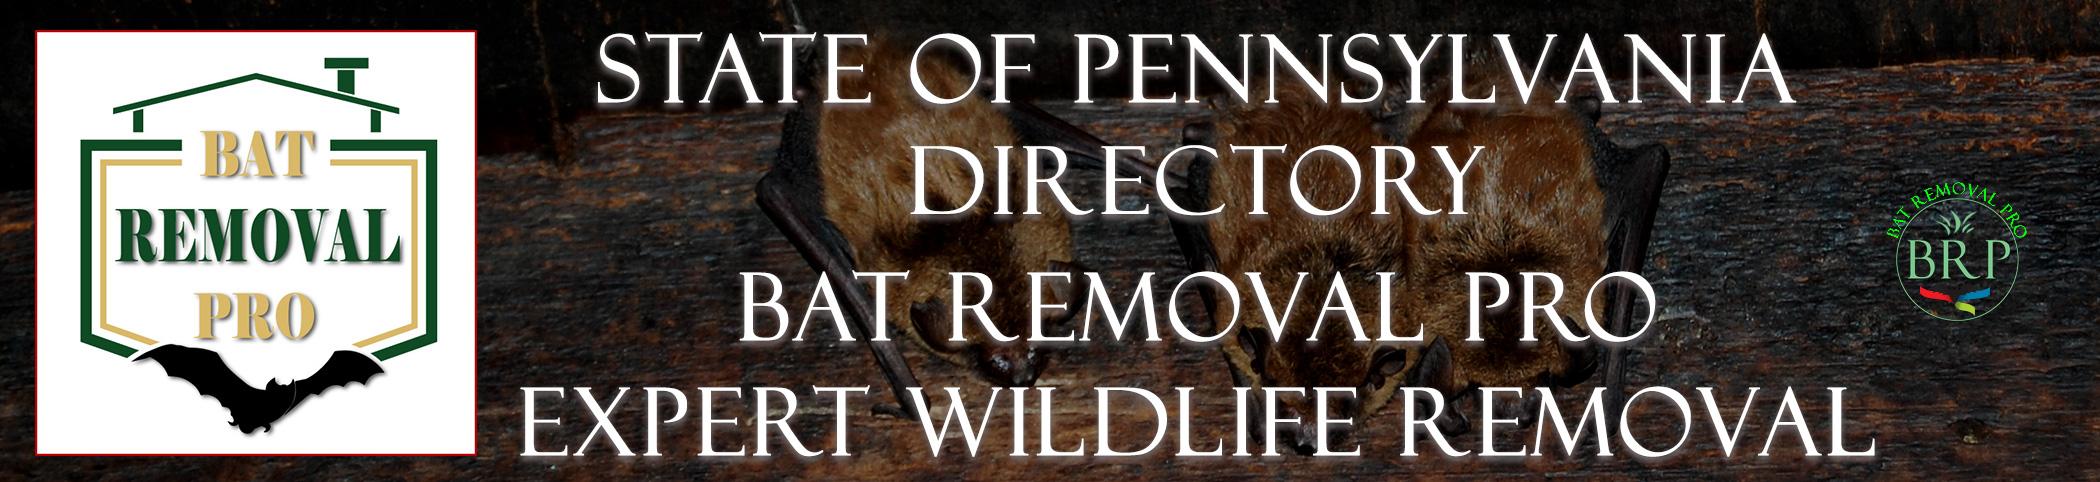 pennsylvania  header image at bat removal pro